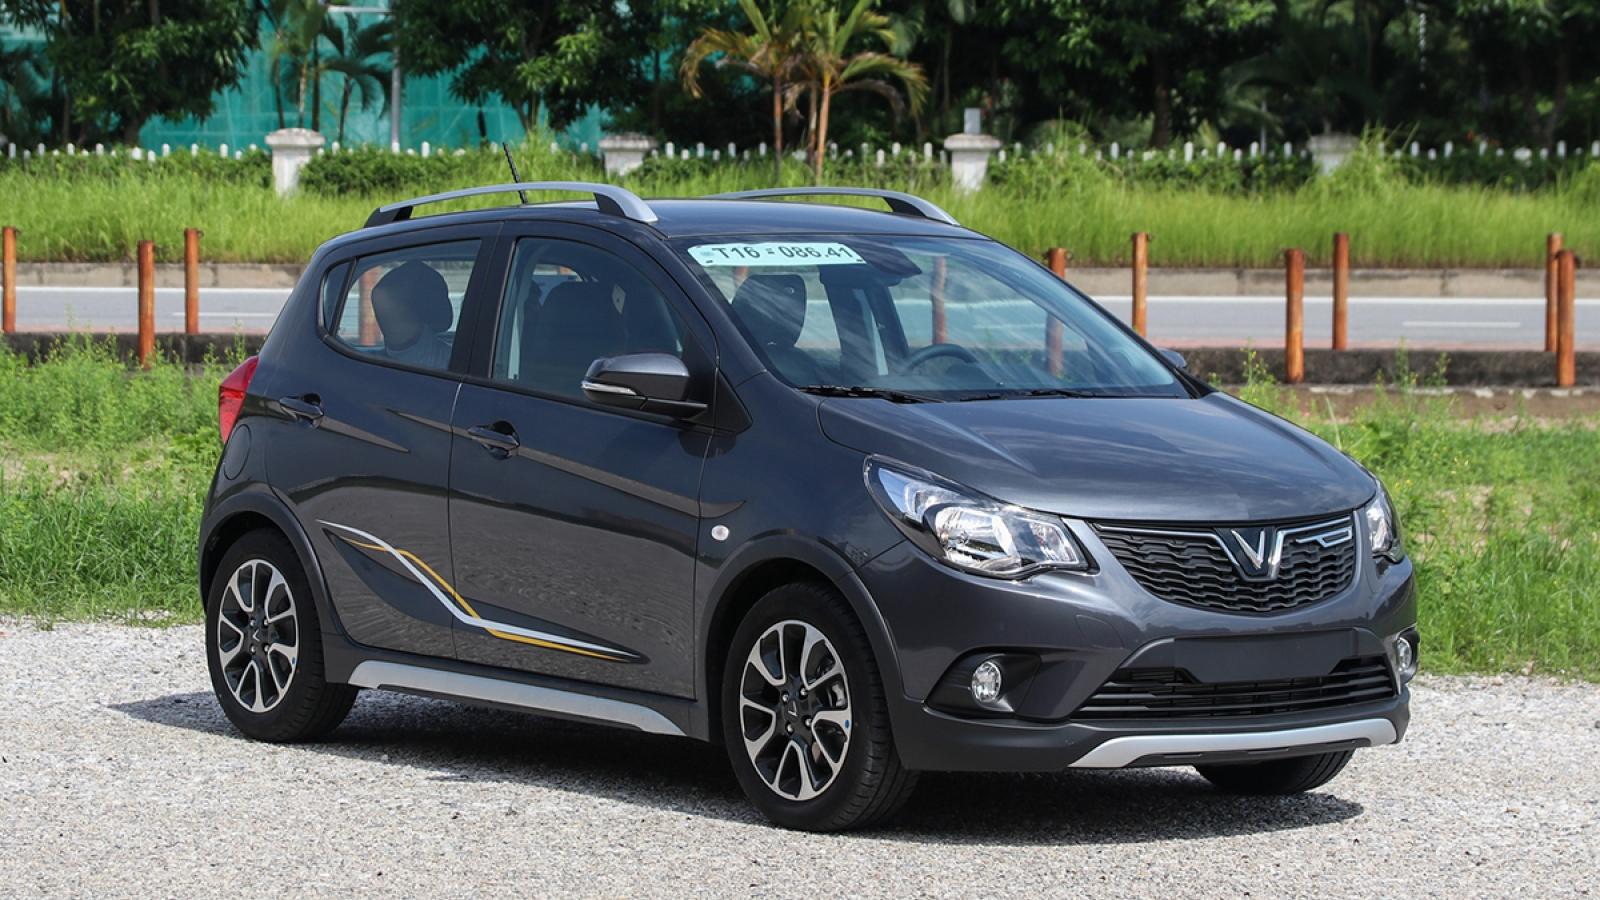 Top 10 mẫu xe bán chạy nhất tháng 6/2021